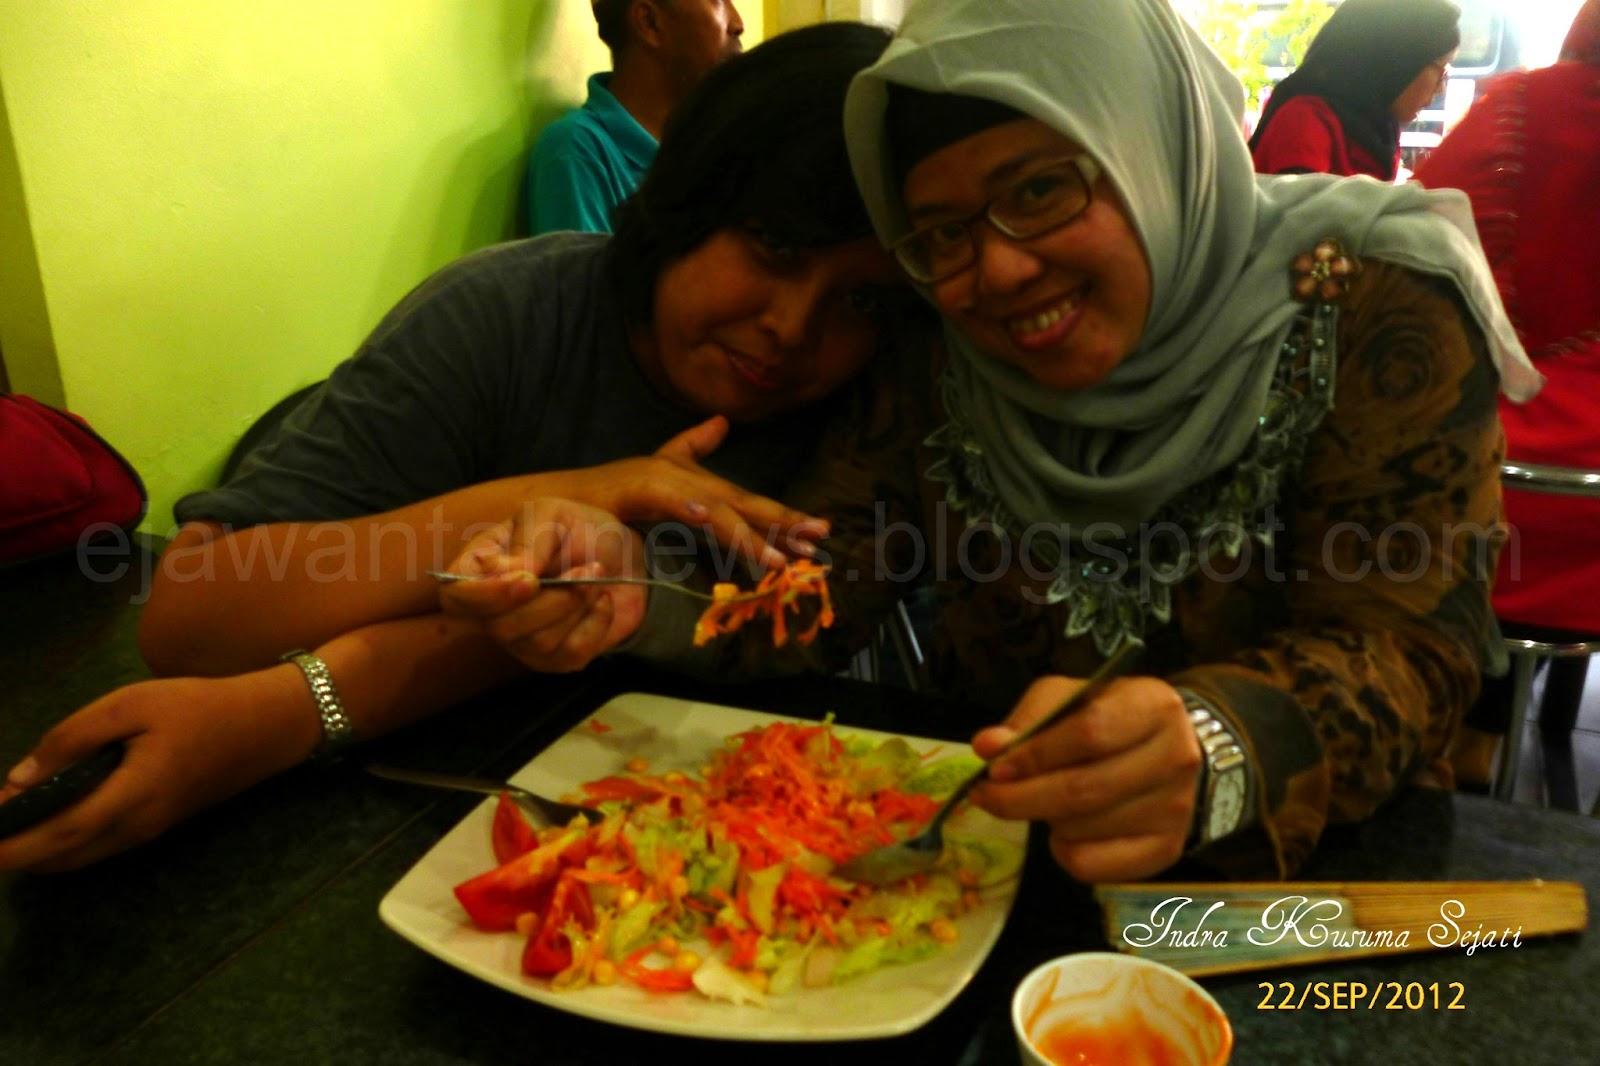 http://ejawantahnews.blogspot.com/2011/11/vitamin-pelengkap-diet-gizi-berimbang.html